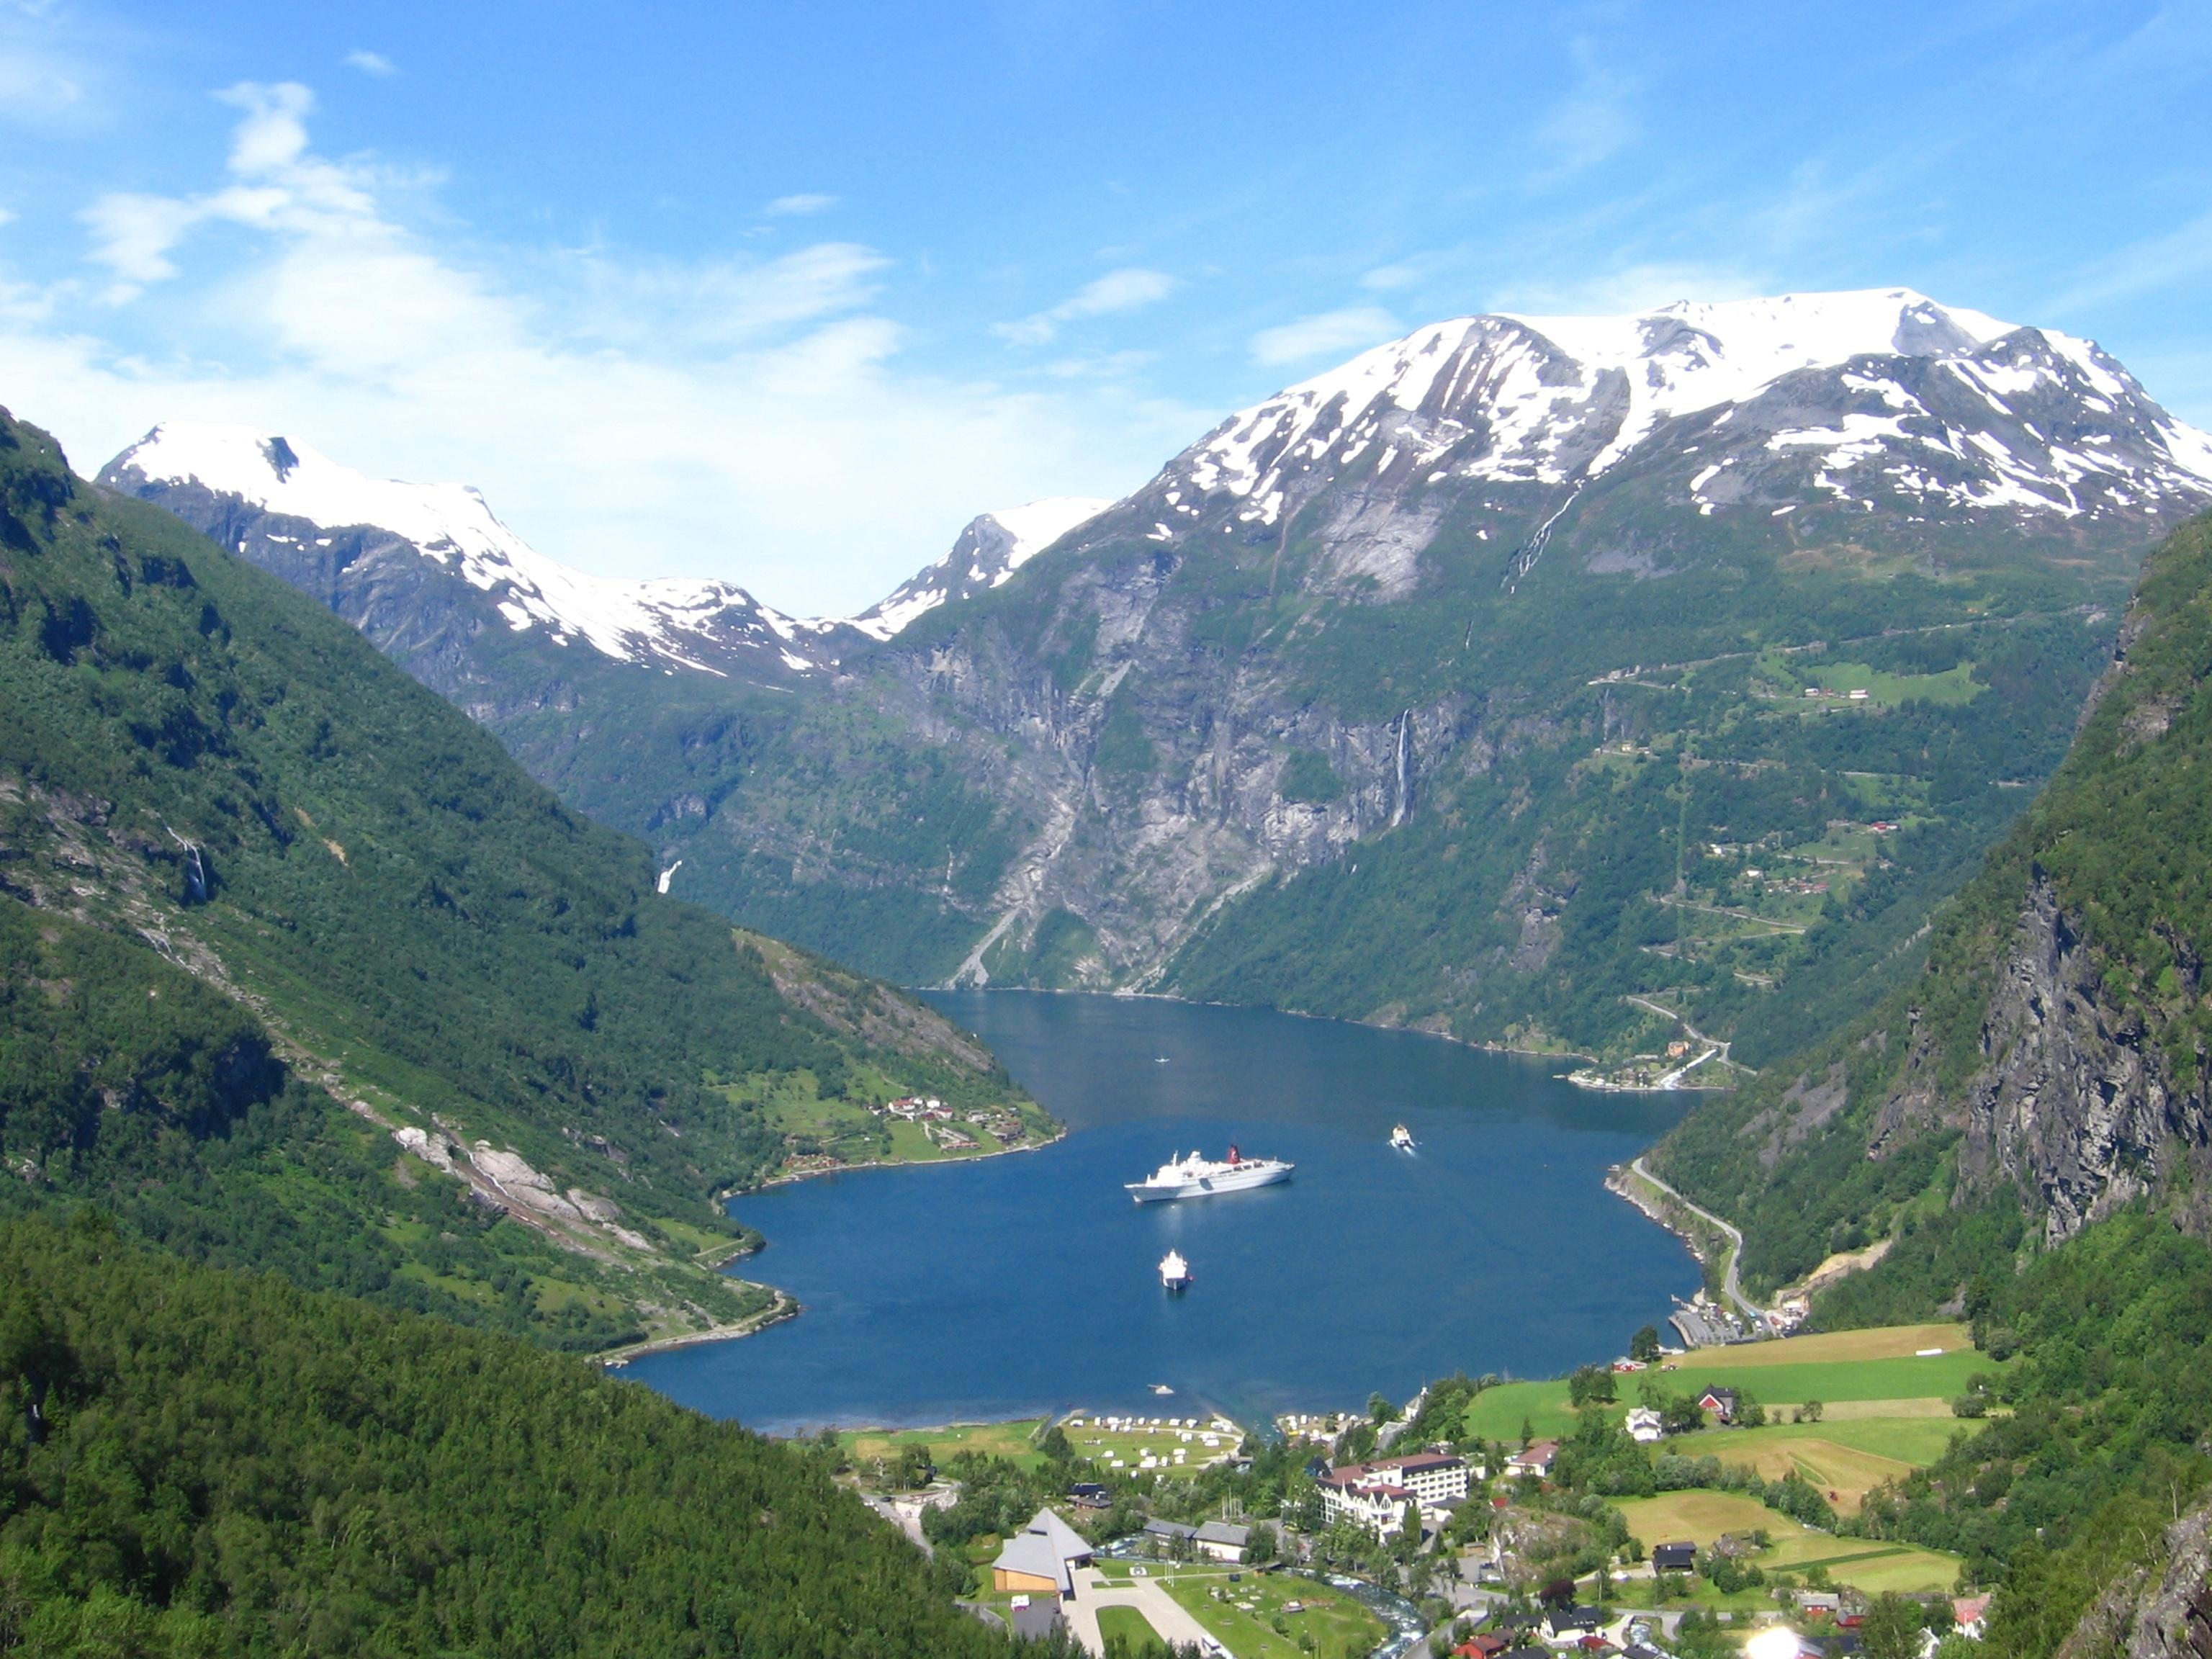 Städt Trip nach Oslo günstig im 4 Sterne Hotel ab 139,00€ Flug & Hotel - Woche Oslo ab 325,00€